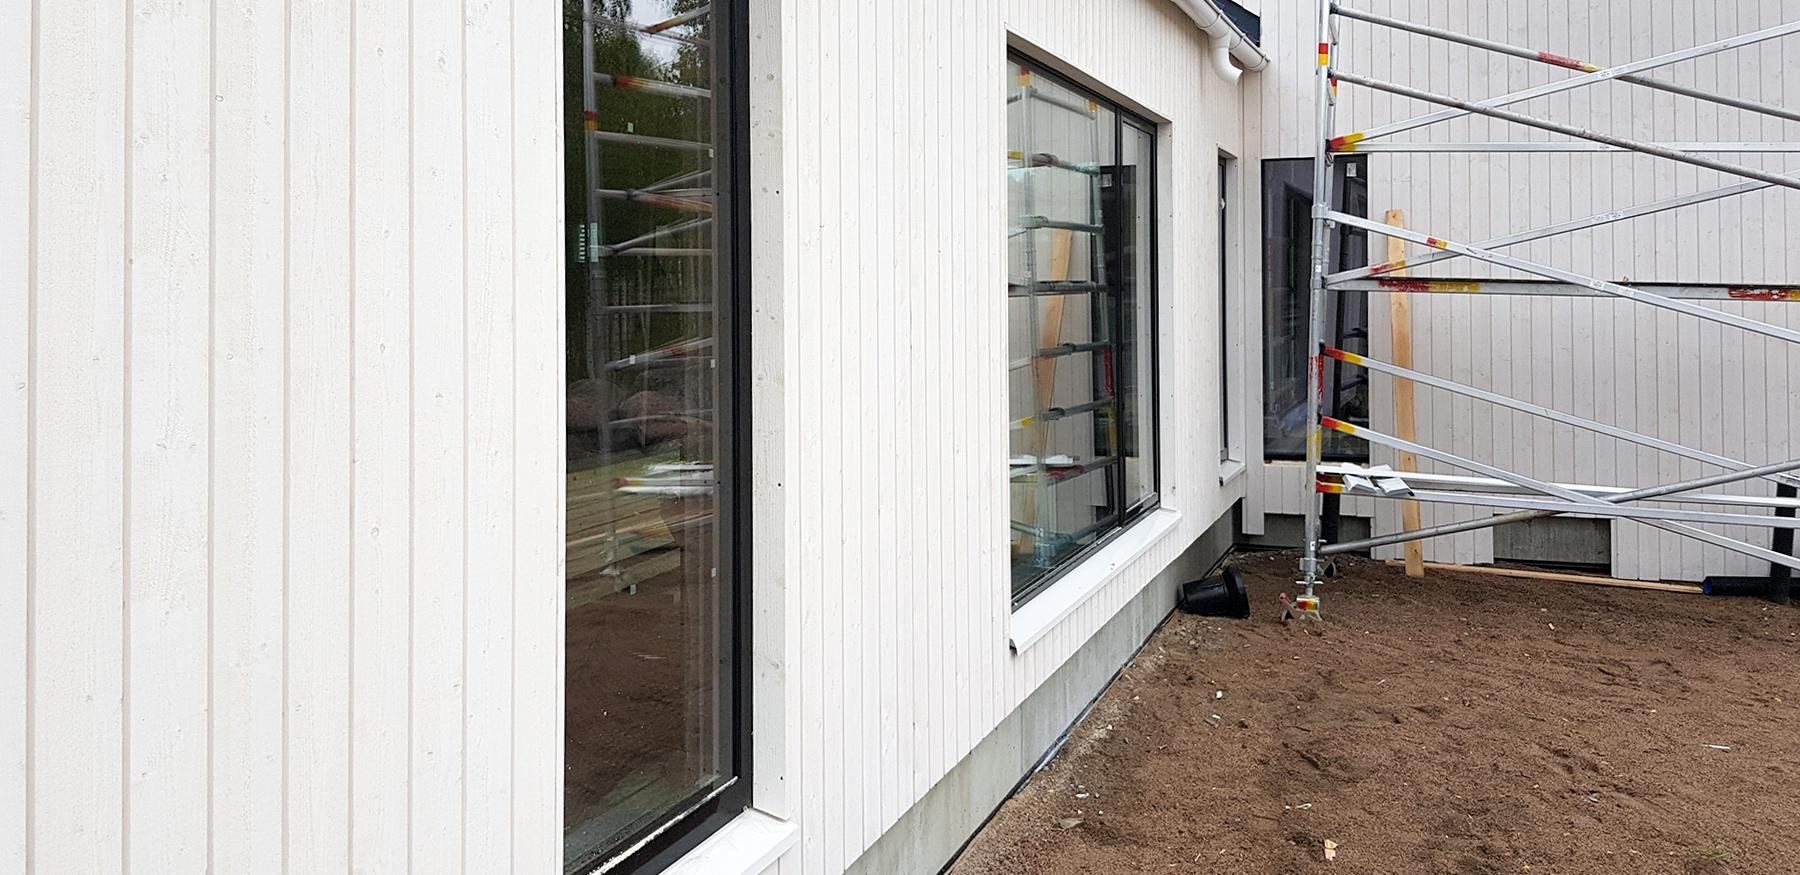 Ikkunapellit ja ovien kynnyspellit mittoihin leikattuna